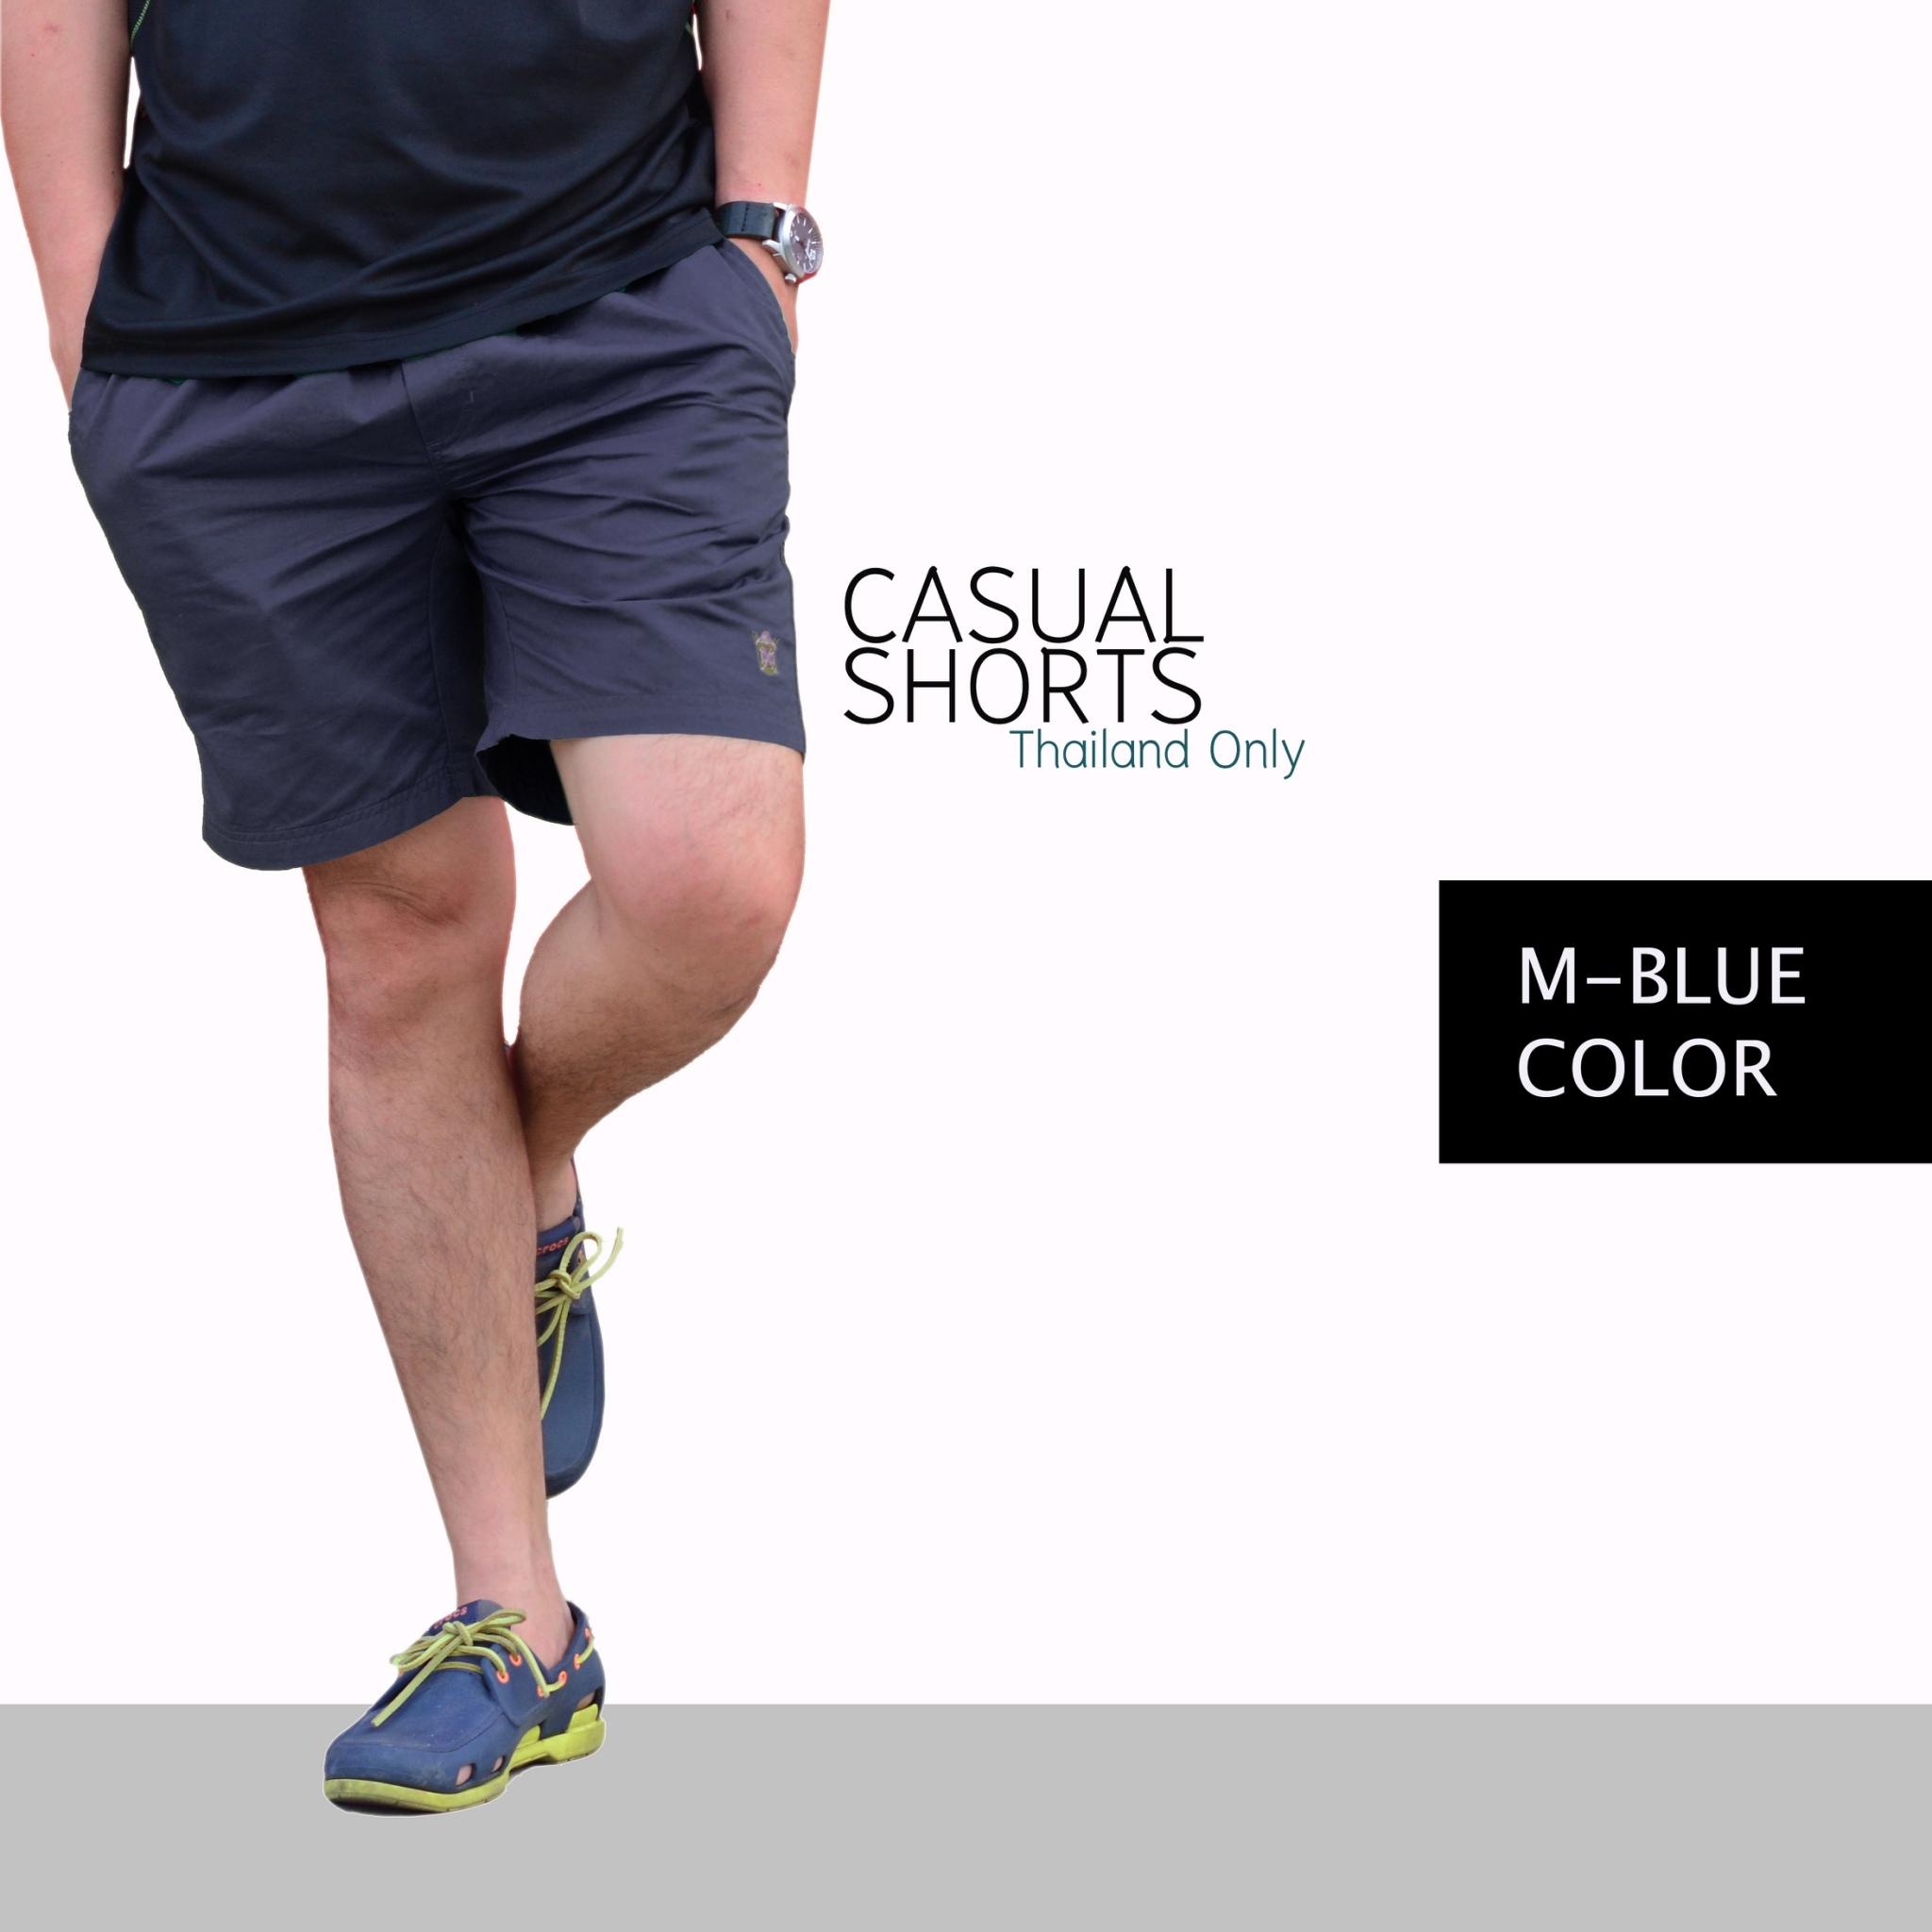 กางเกงขาสั้น BFactory (สีน้ำเงิน) - ไซส์ S